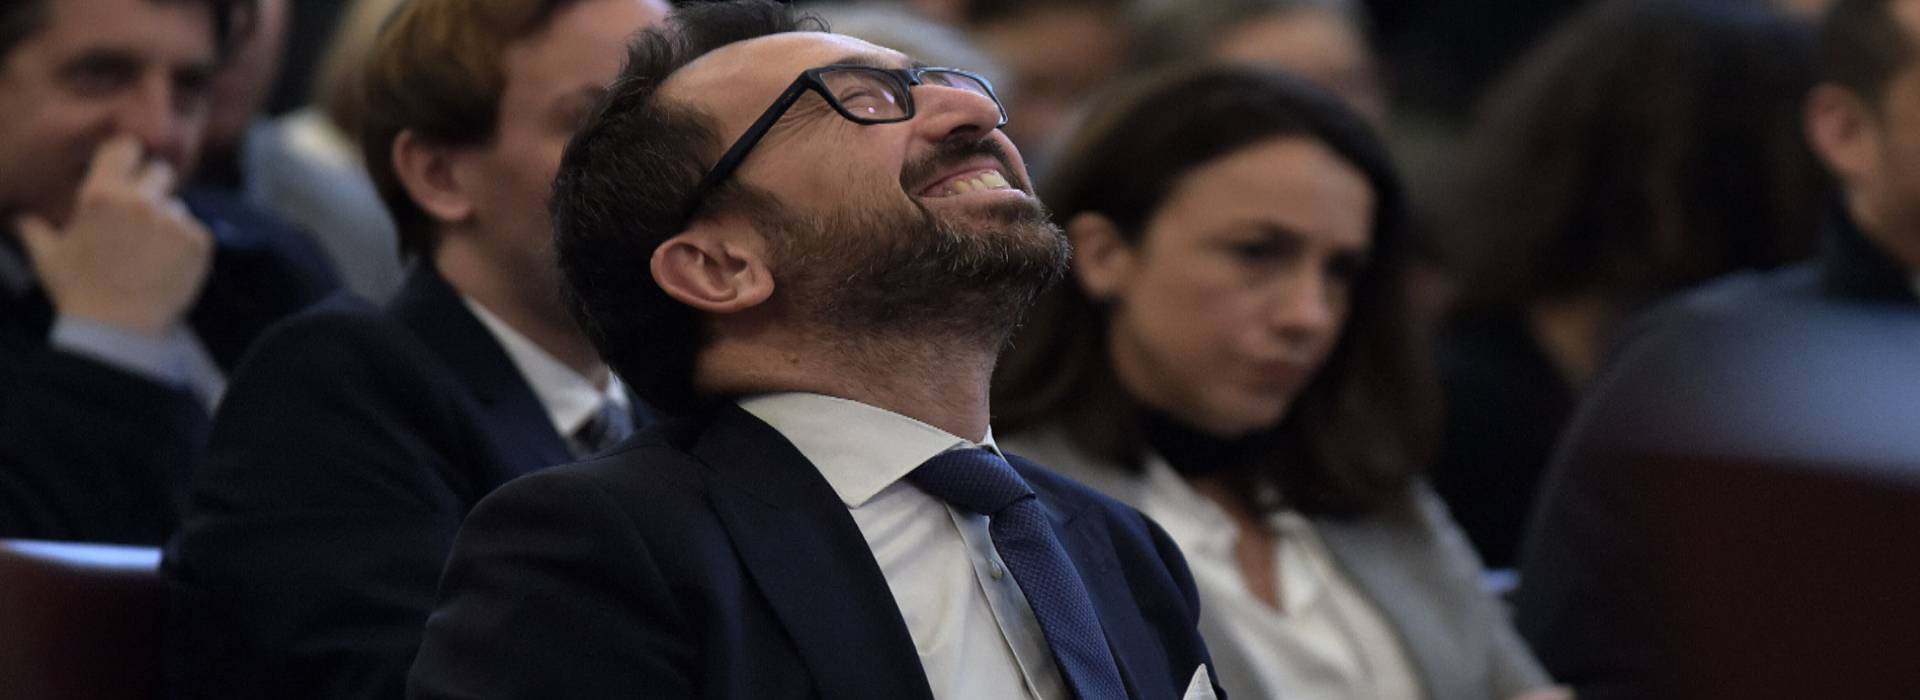 Caso Dap: Basentini era amico di Pucci, assistente di Conte e compagno di università di Bonafede